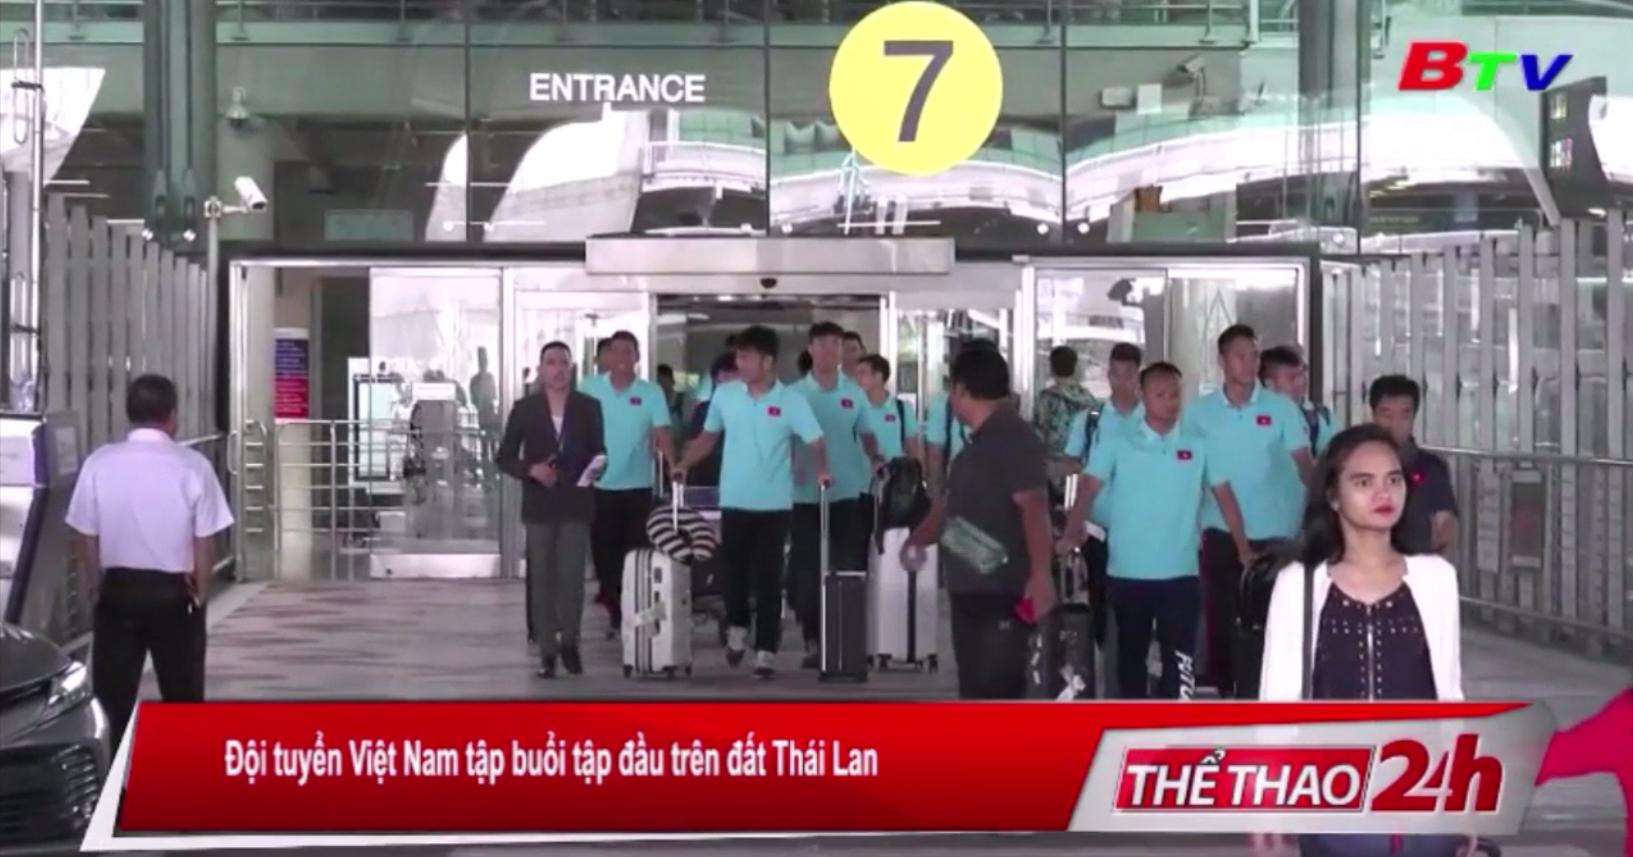 Đội tuyển Việt Nam tập buổi tập đầu trên đất Thái Lan